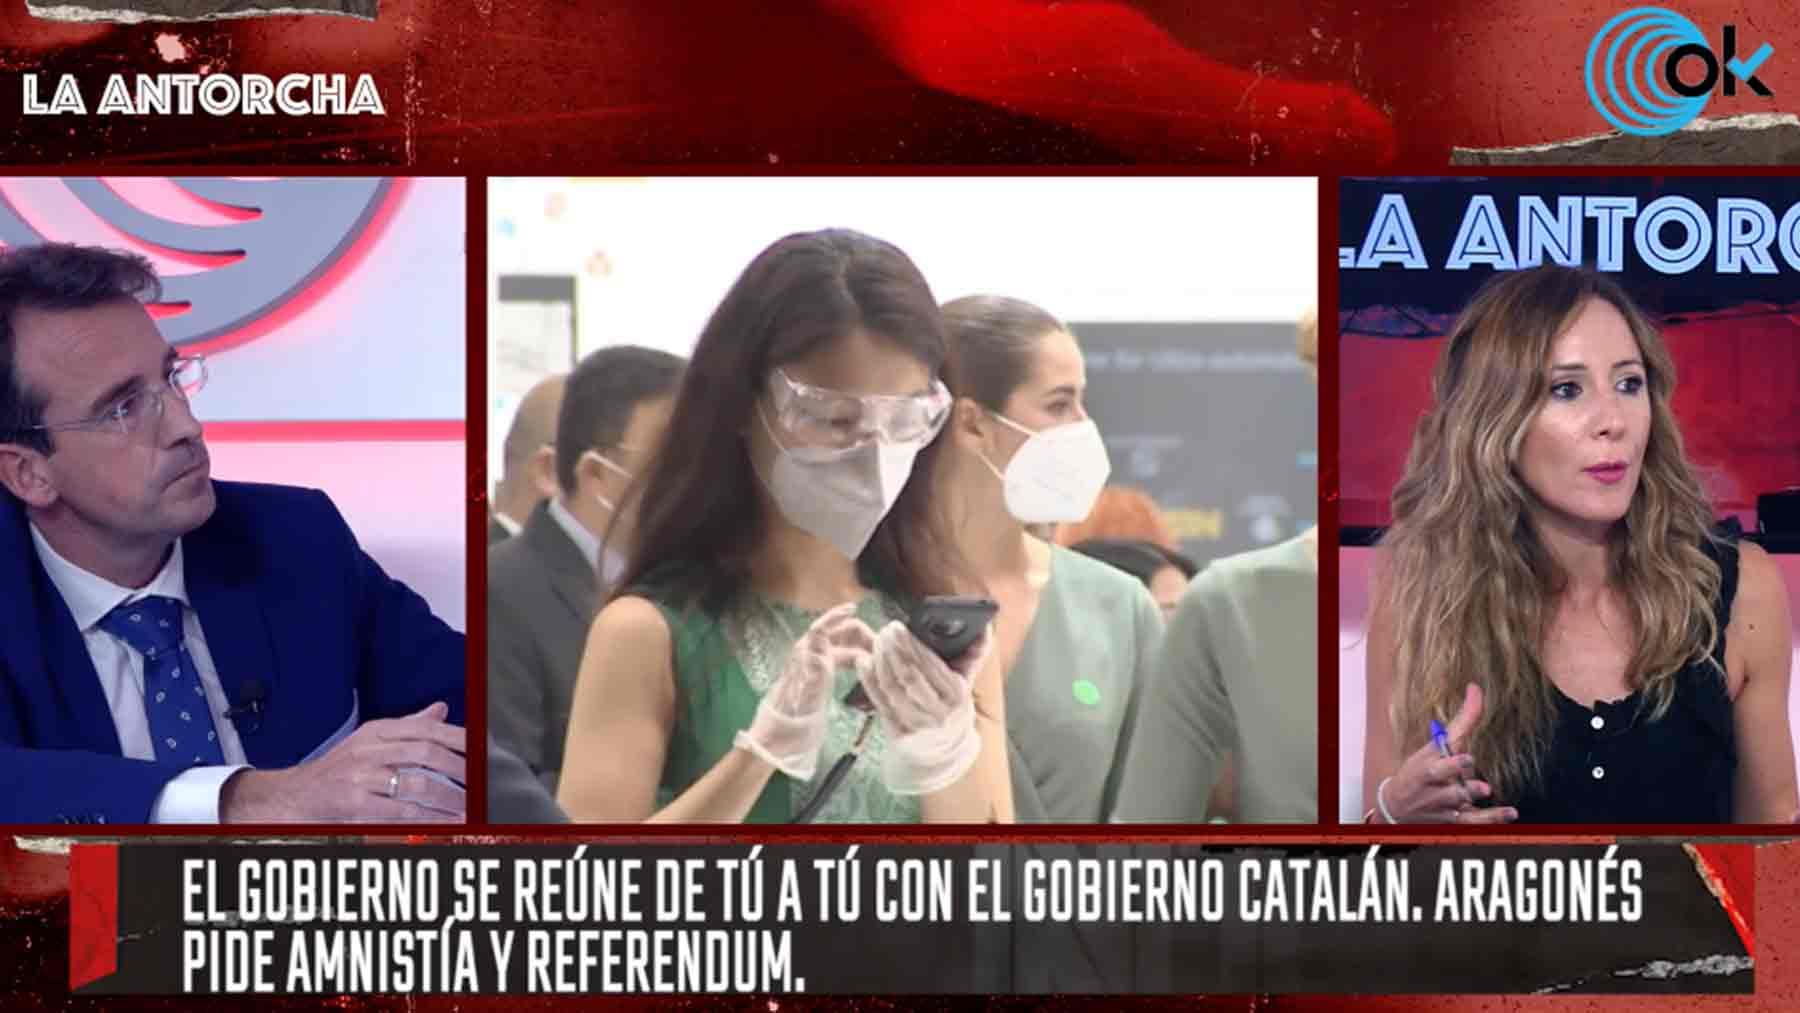 Miguel Ángel Recuenco y Cynthia Díaz Nobile en La Antorcha